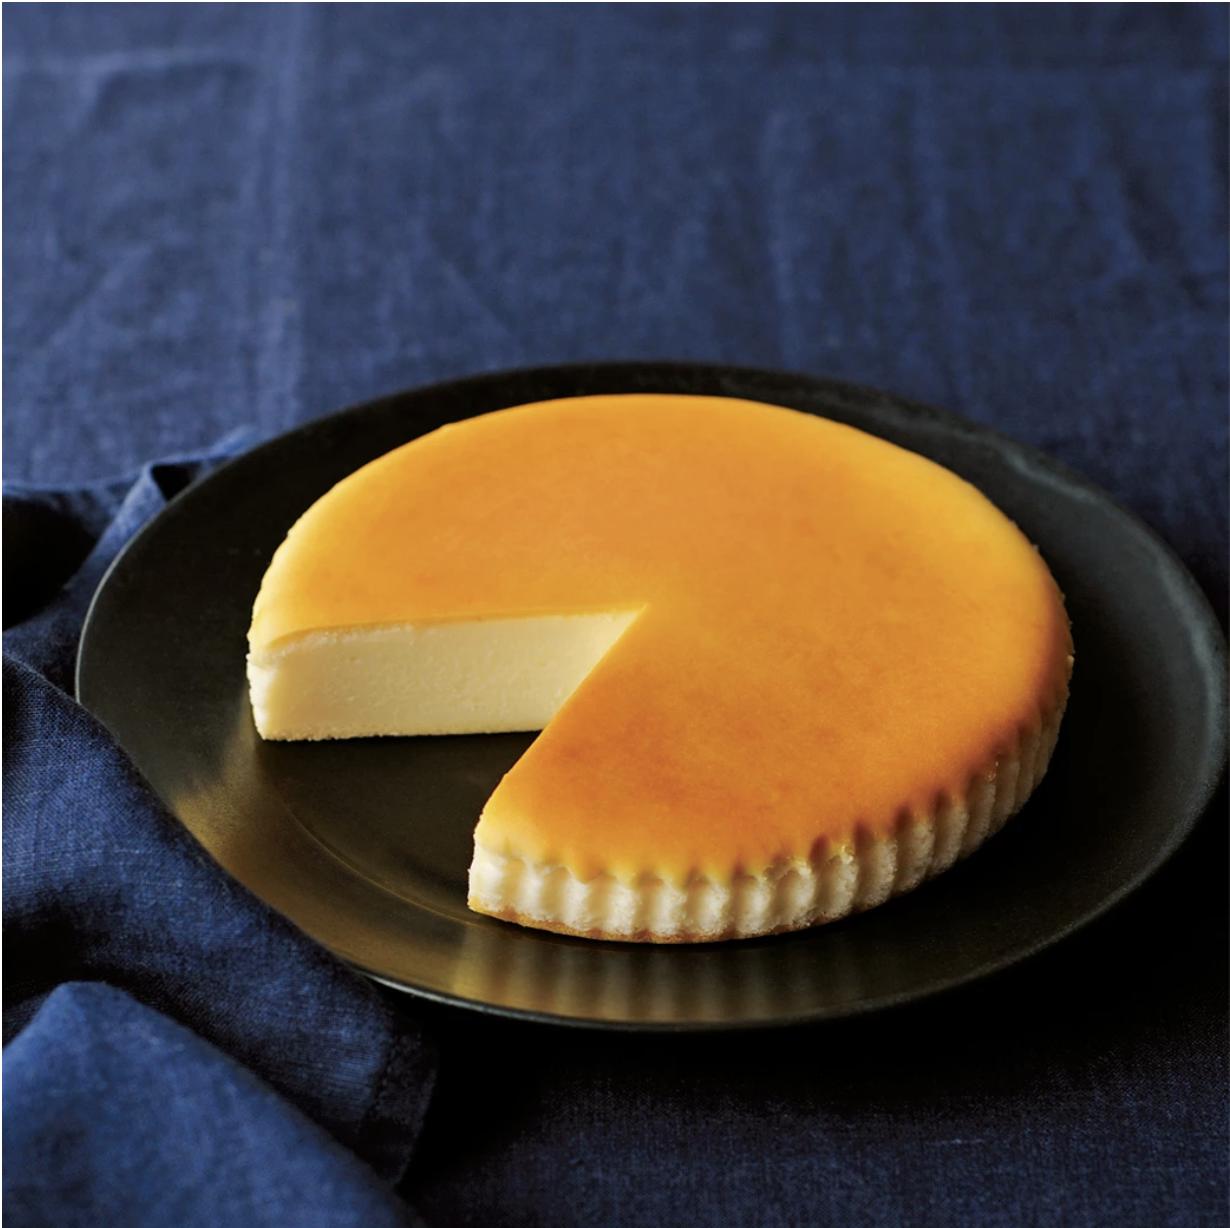 チーズガーデンが手がける大人気「御用邸チーズケーキ」シリーズから、冬季限定商品が登場! - 32daac4e74d4143d7b66eba5772b0c5c